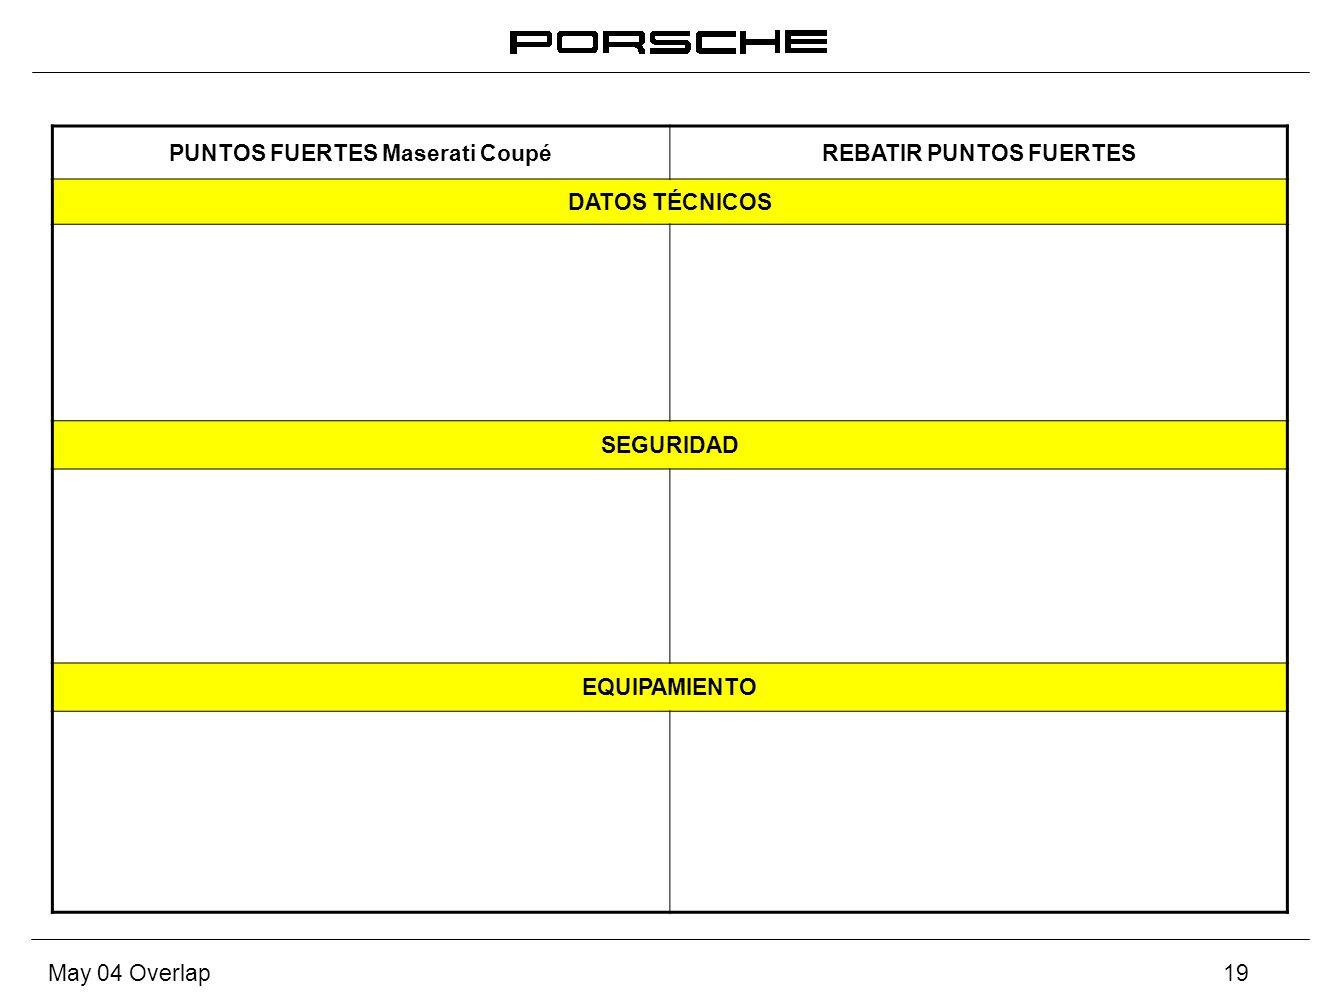 PUNTOS FUERTES Porsche 911 Carrera (MY´05) Jaguar XKR Coupé